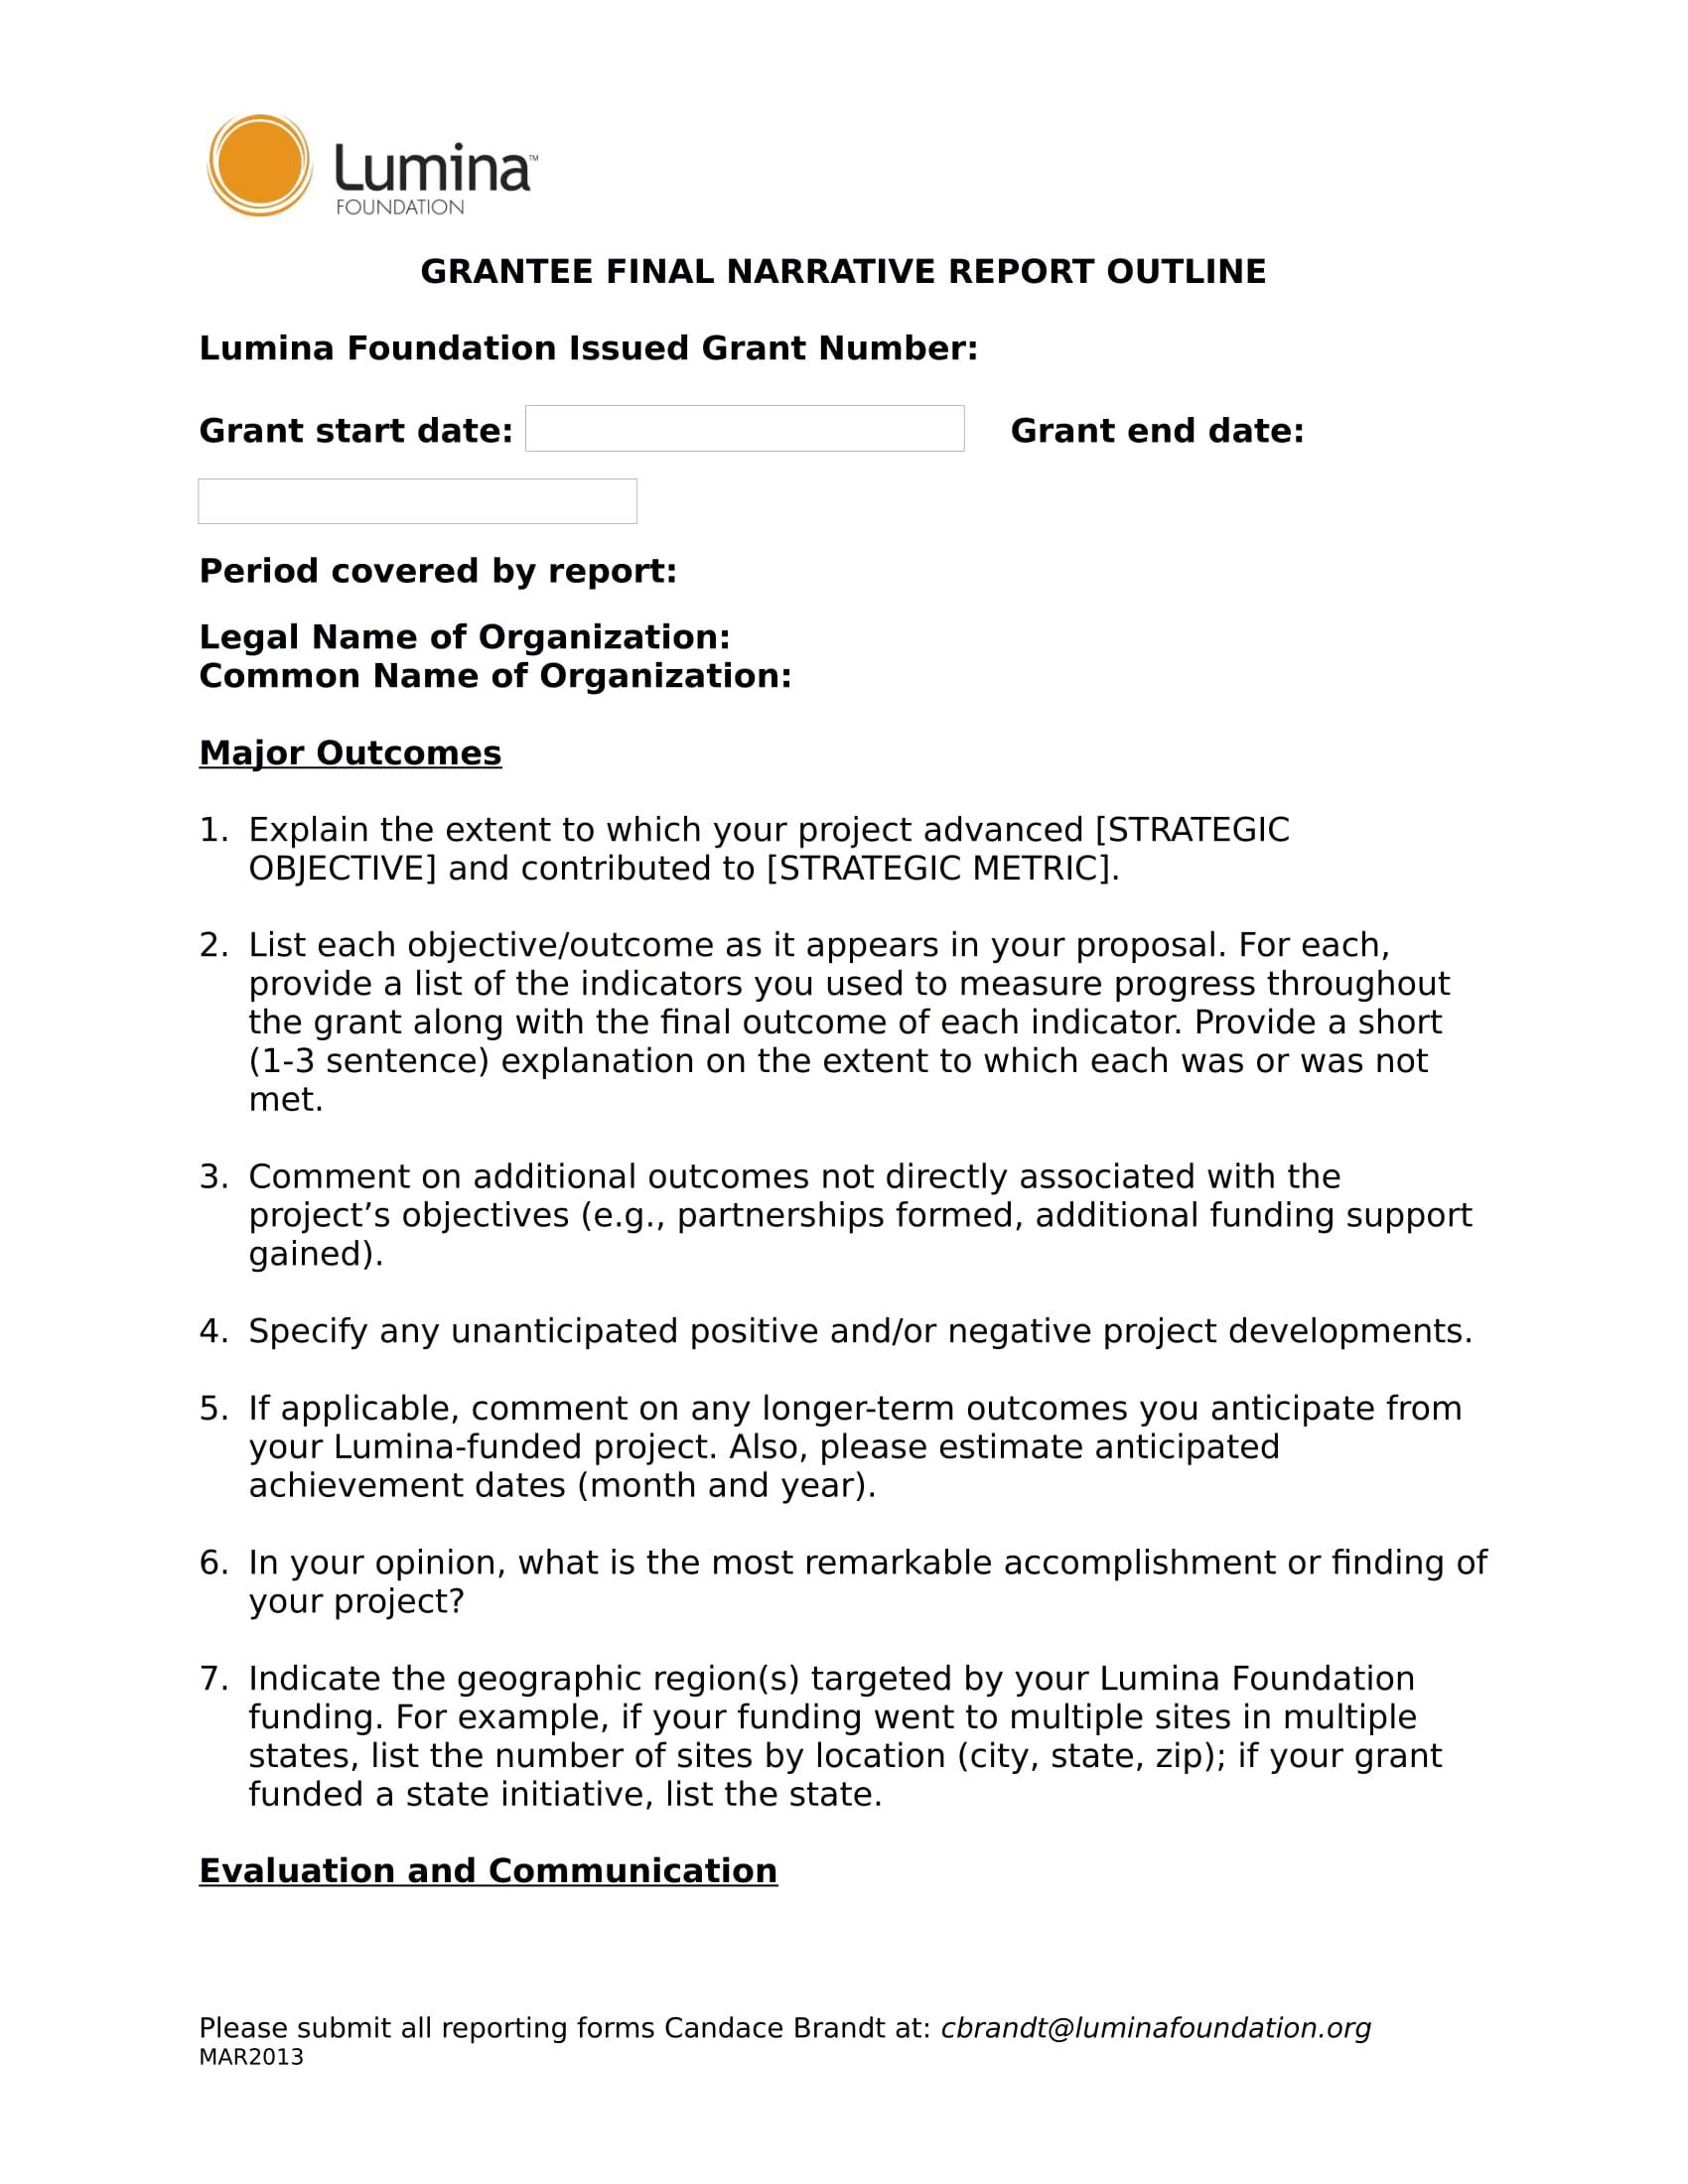 grantee final narrative report form 1